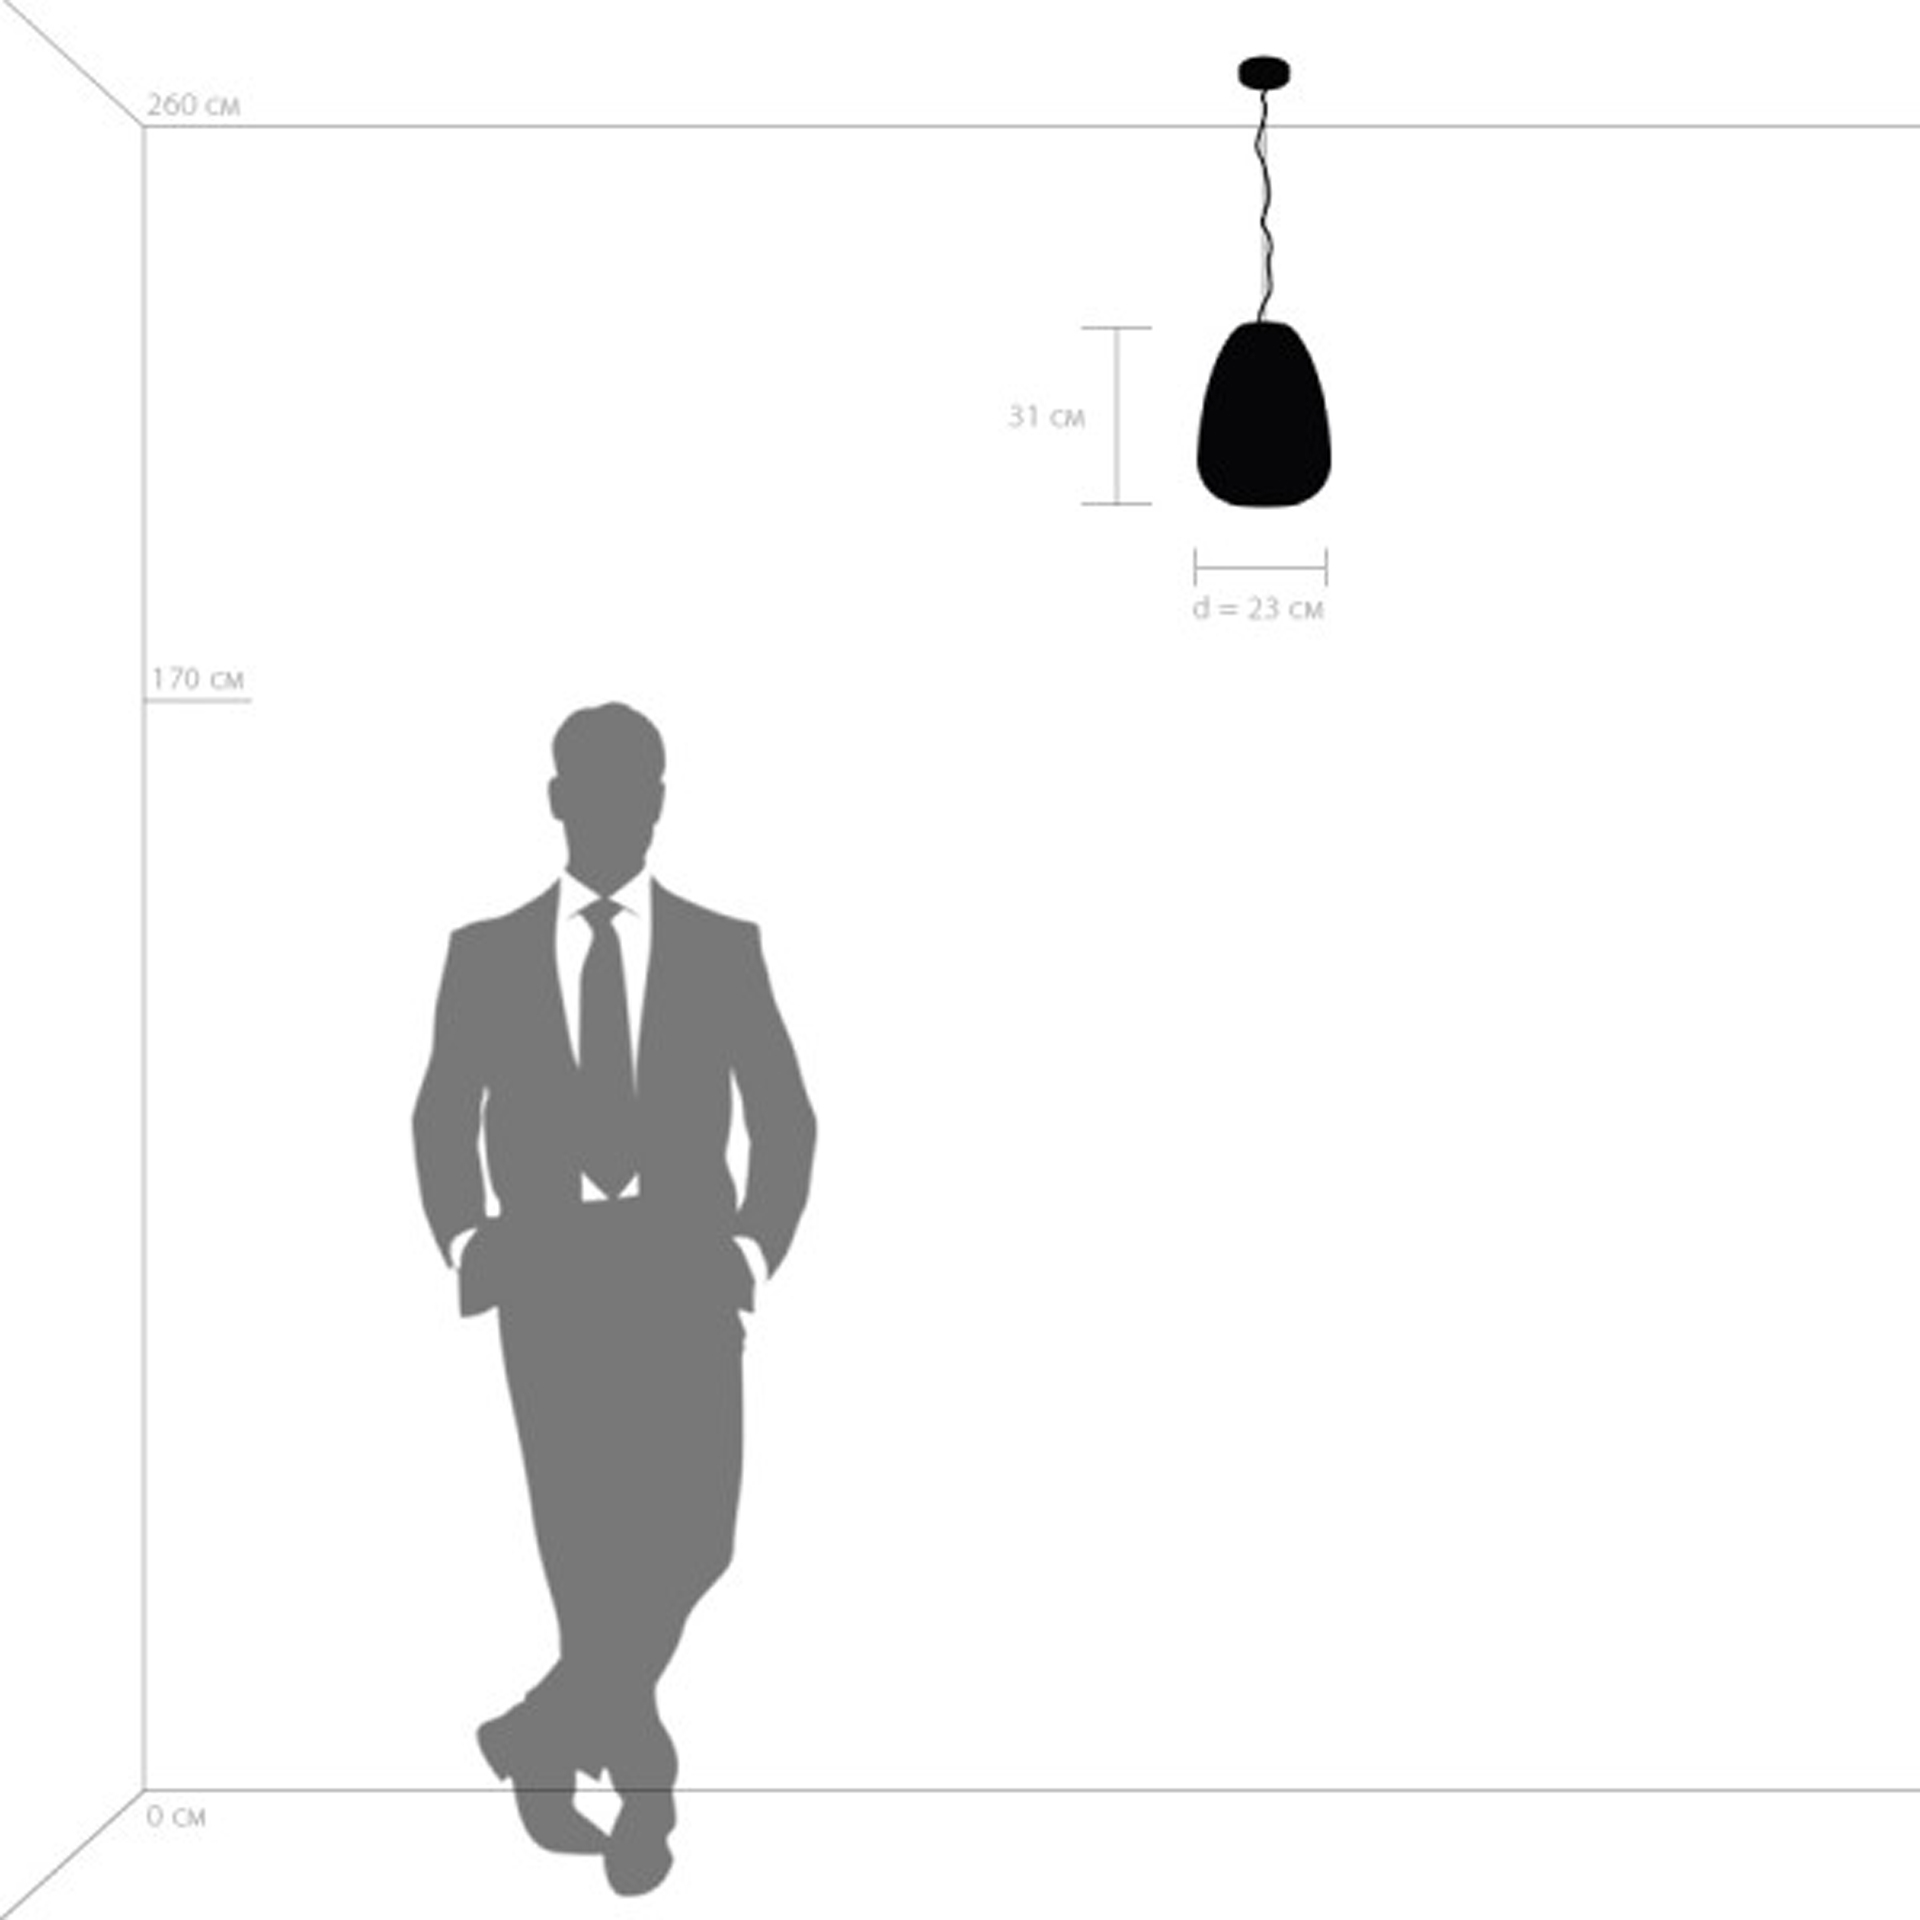 Люстра подвесная Arnia 1Х40W E27 Белый Lightstar 805012, купить в СПб, Москве, с доставкой, Санкт-Петербург, интернет-магазин люстр и светильников Starlight, фото в жизни